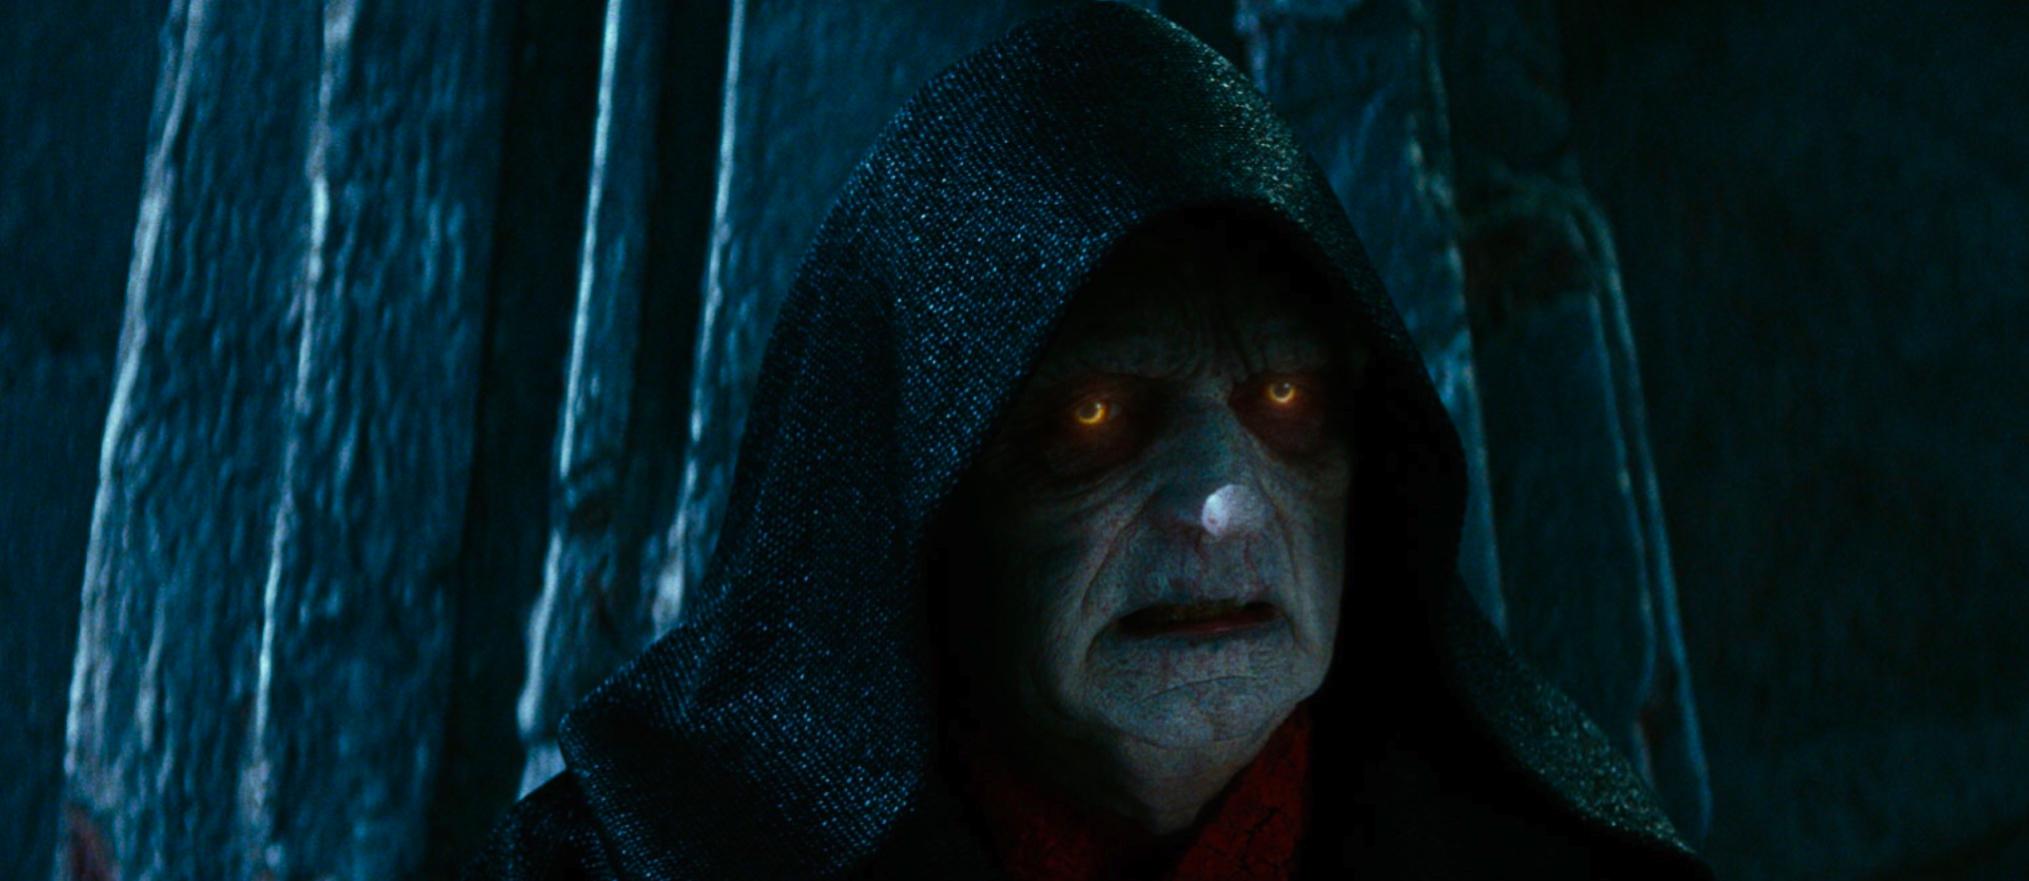 Sự trỗi dậy của Skywalker: Phiên bản đầu của kịch bản Giải thích về sự trở lại của Palpatine 1